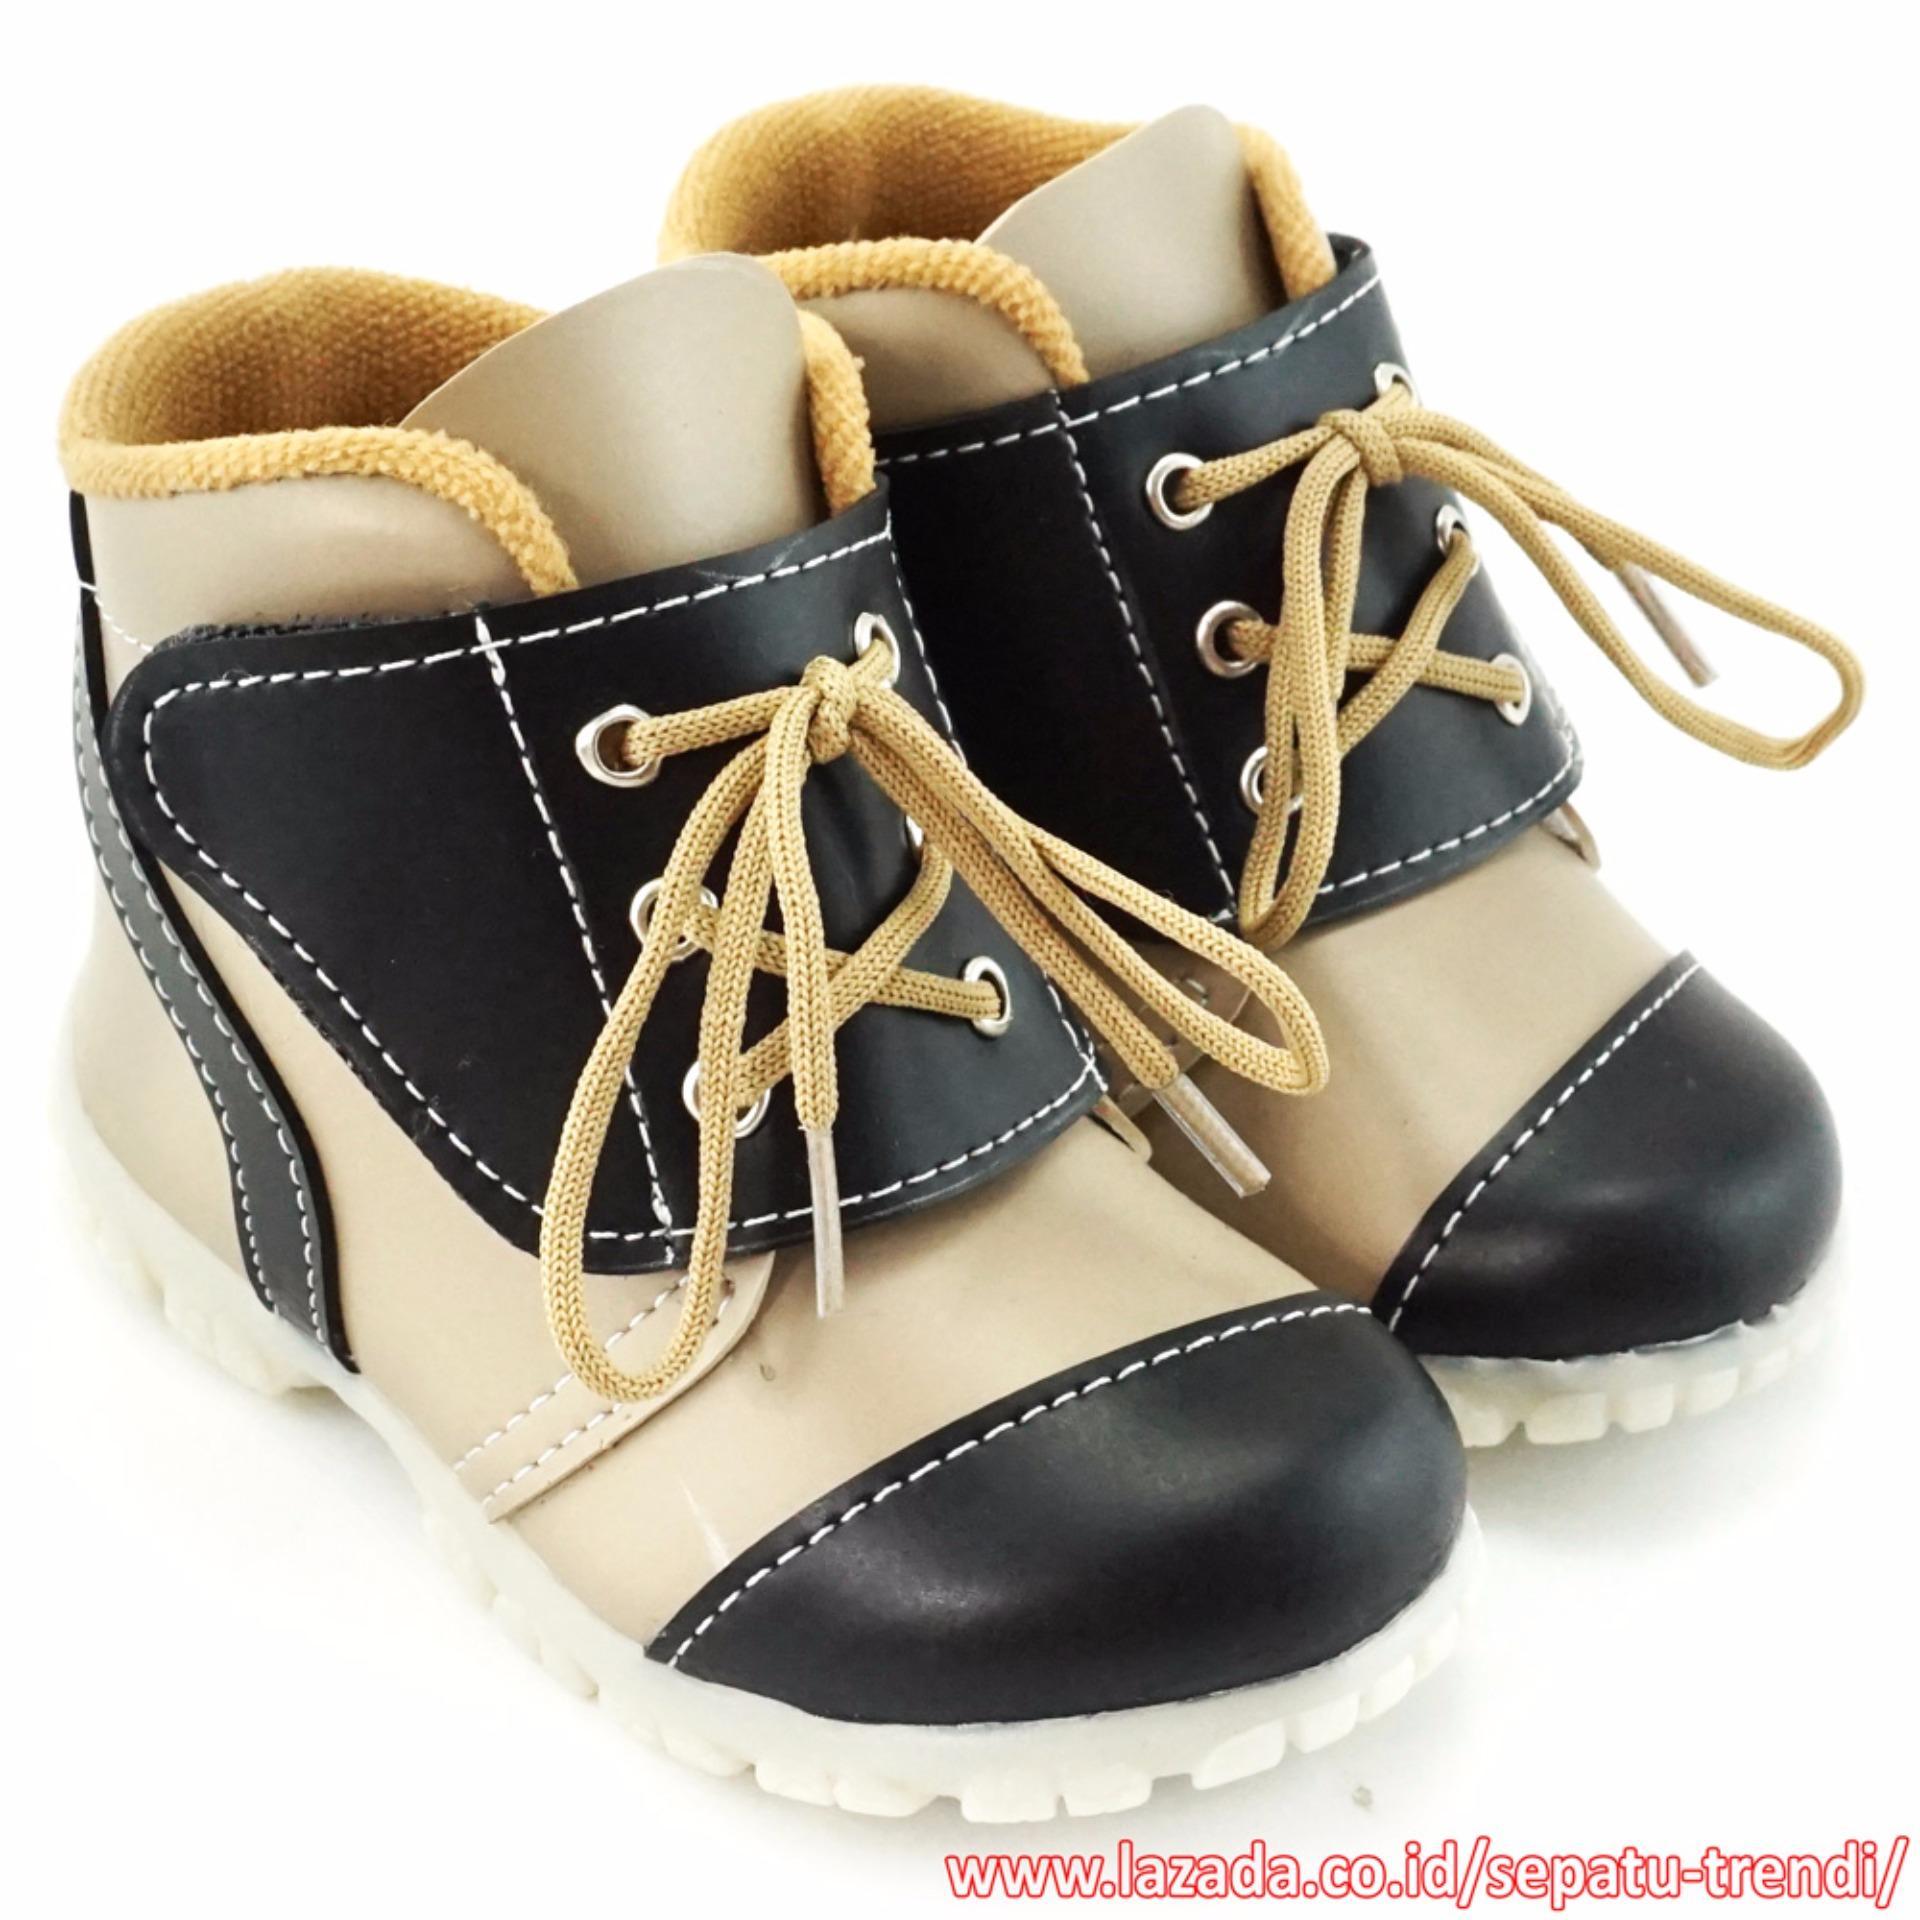 Spesifikasi Trendishoes Sepatu Boot Anak Bayi Walker 3Lv Beige Yang Bagus Dan Murah